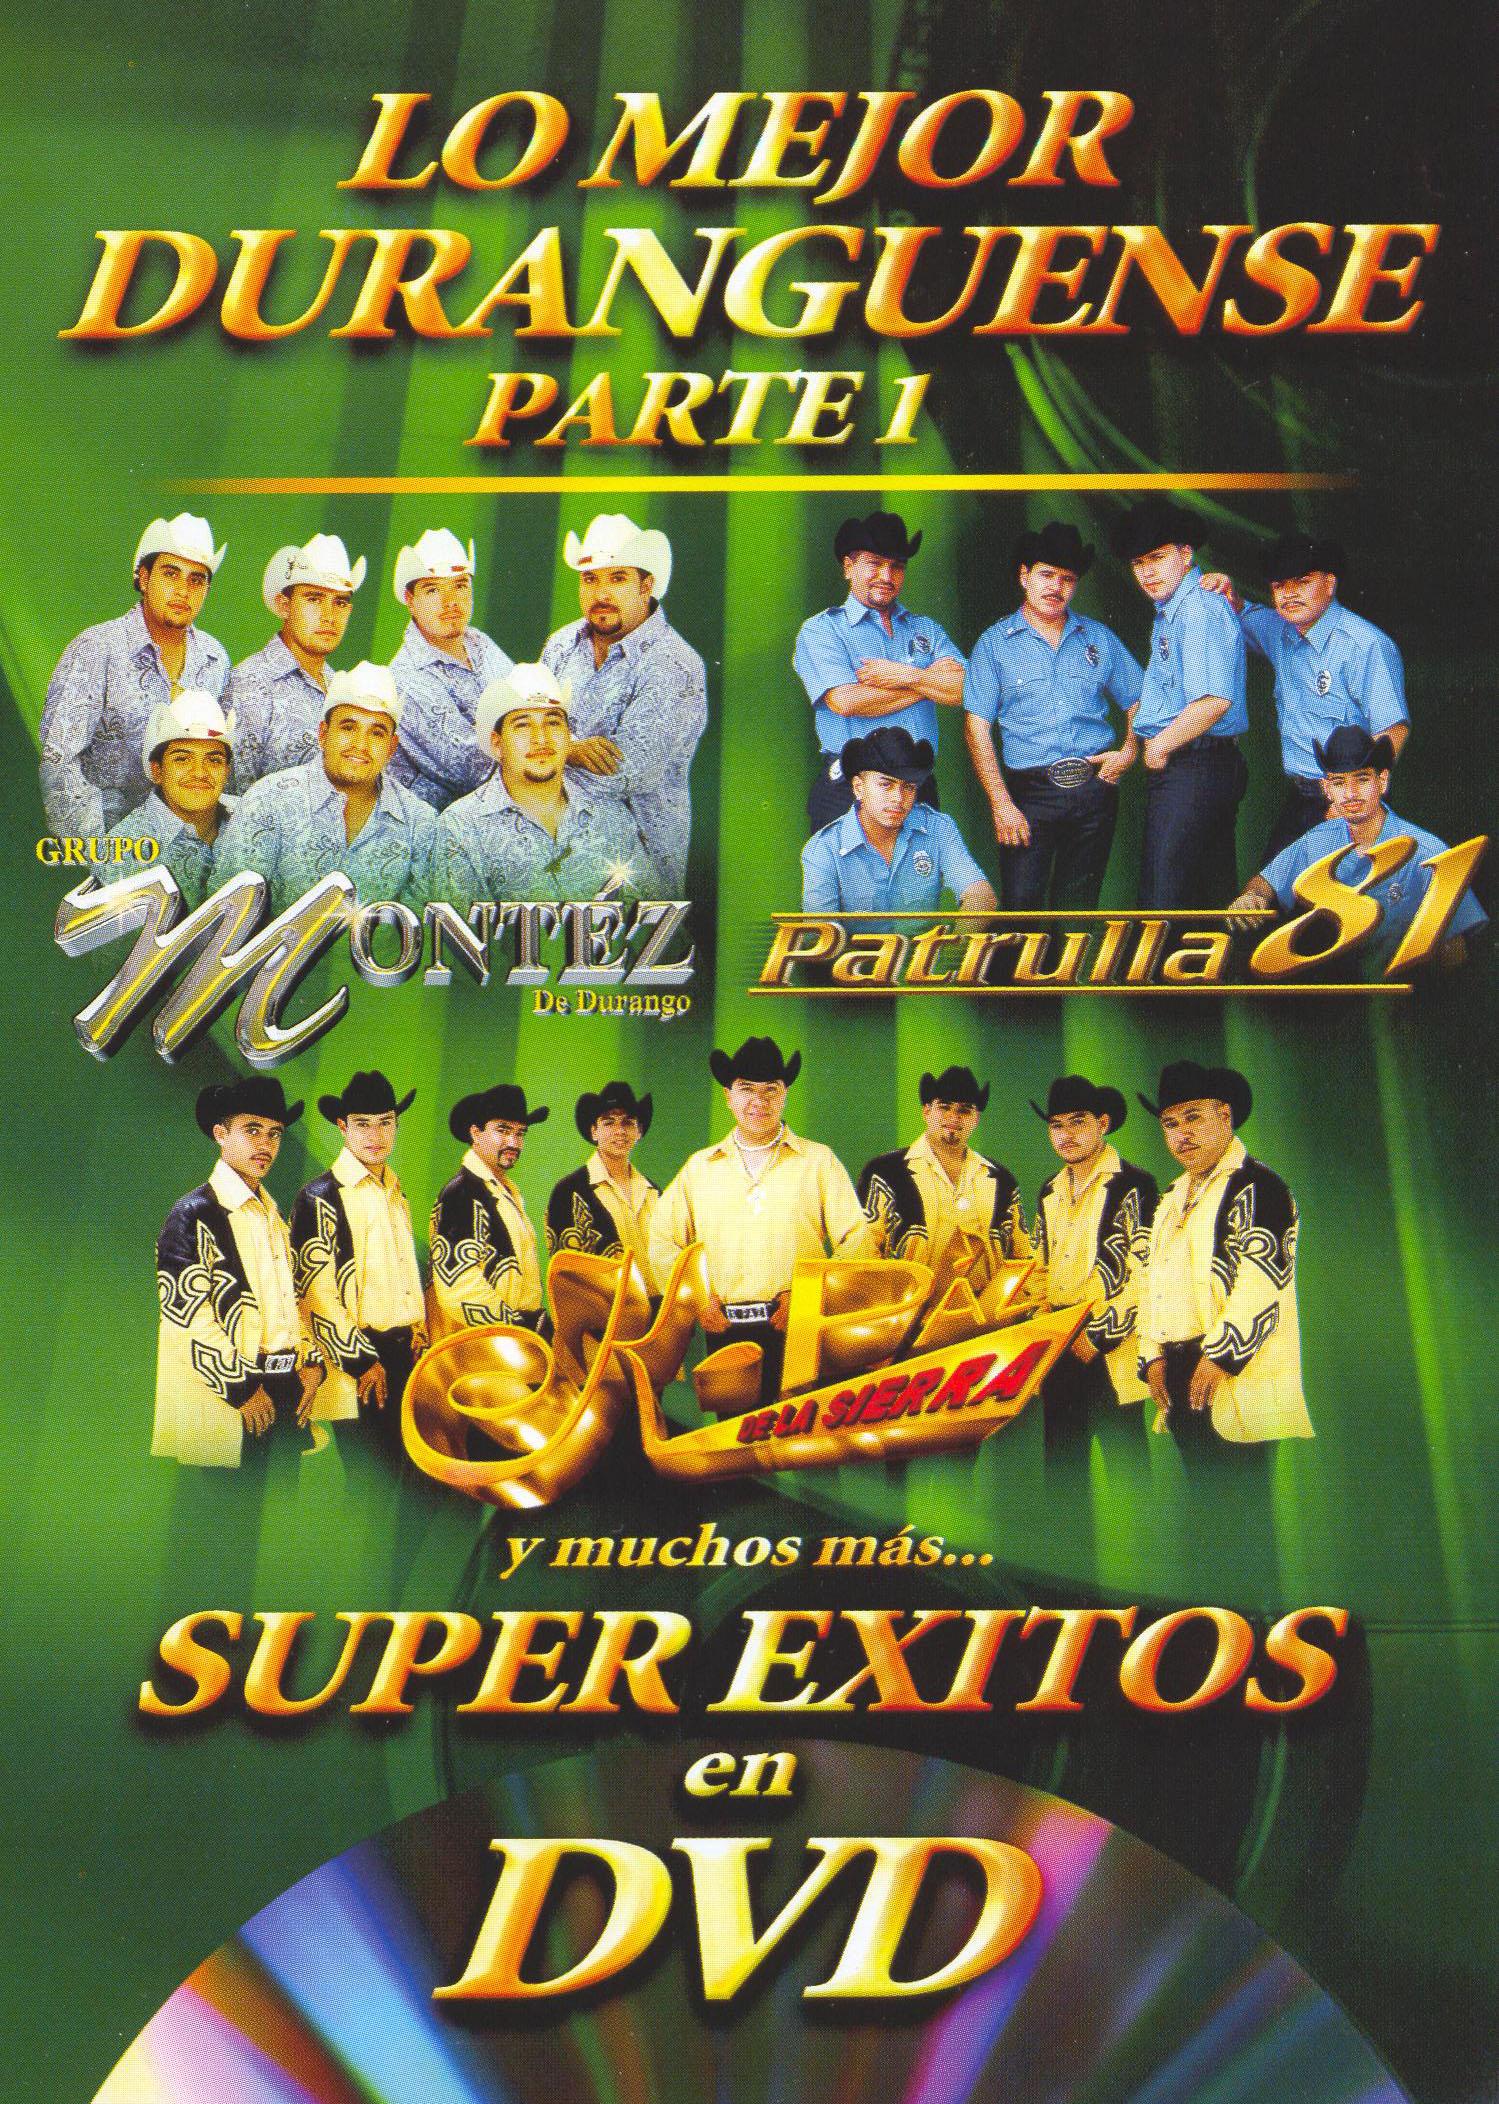 Super Exitos en DVD: Duranguense